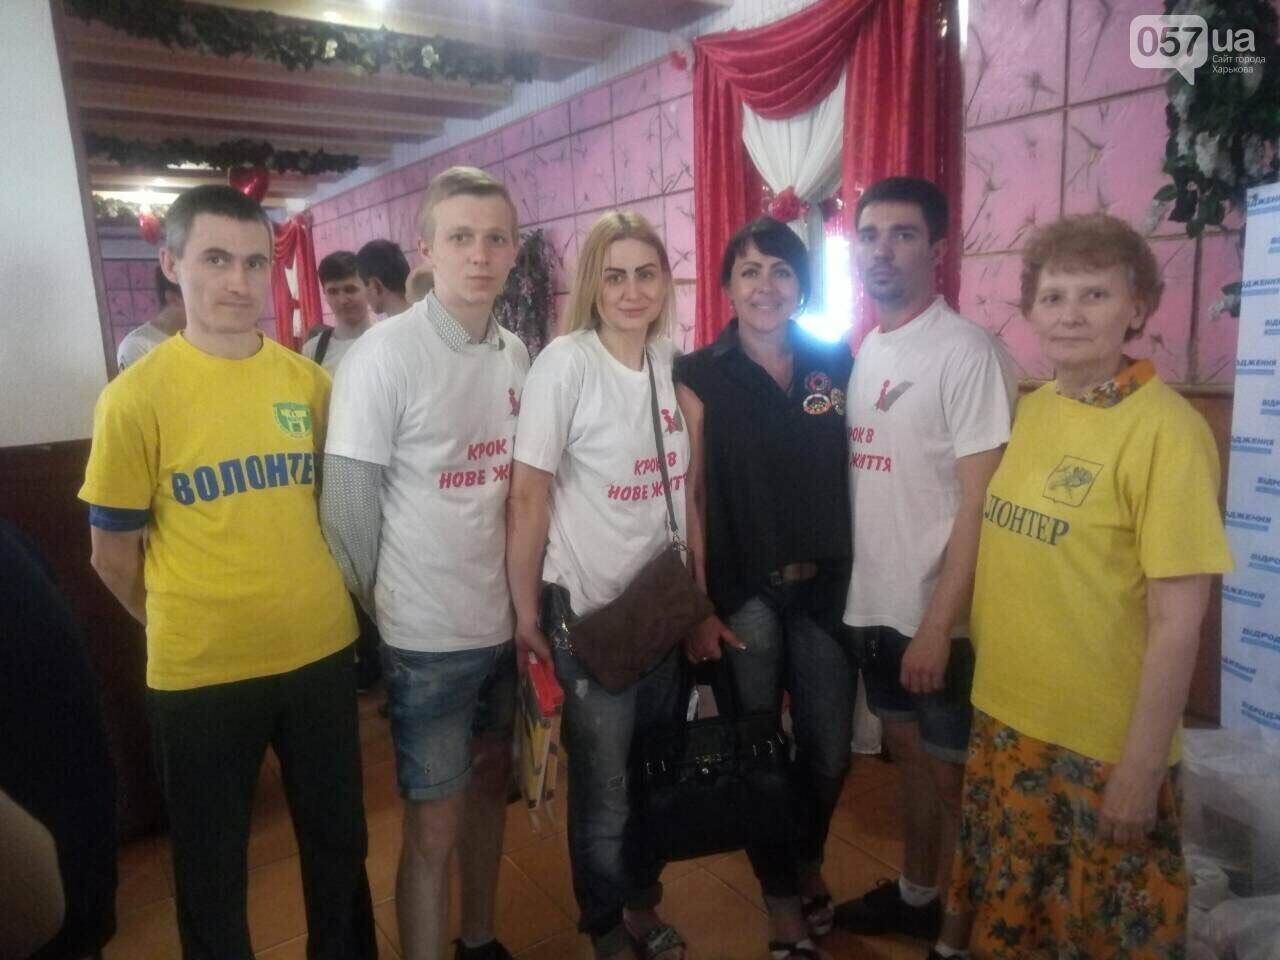 Реабилитационные центры в Харькове, лечение наркомании, лечение алкоголизма, фото-91